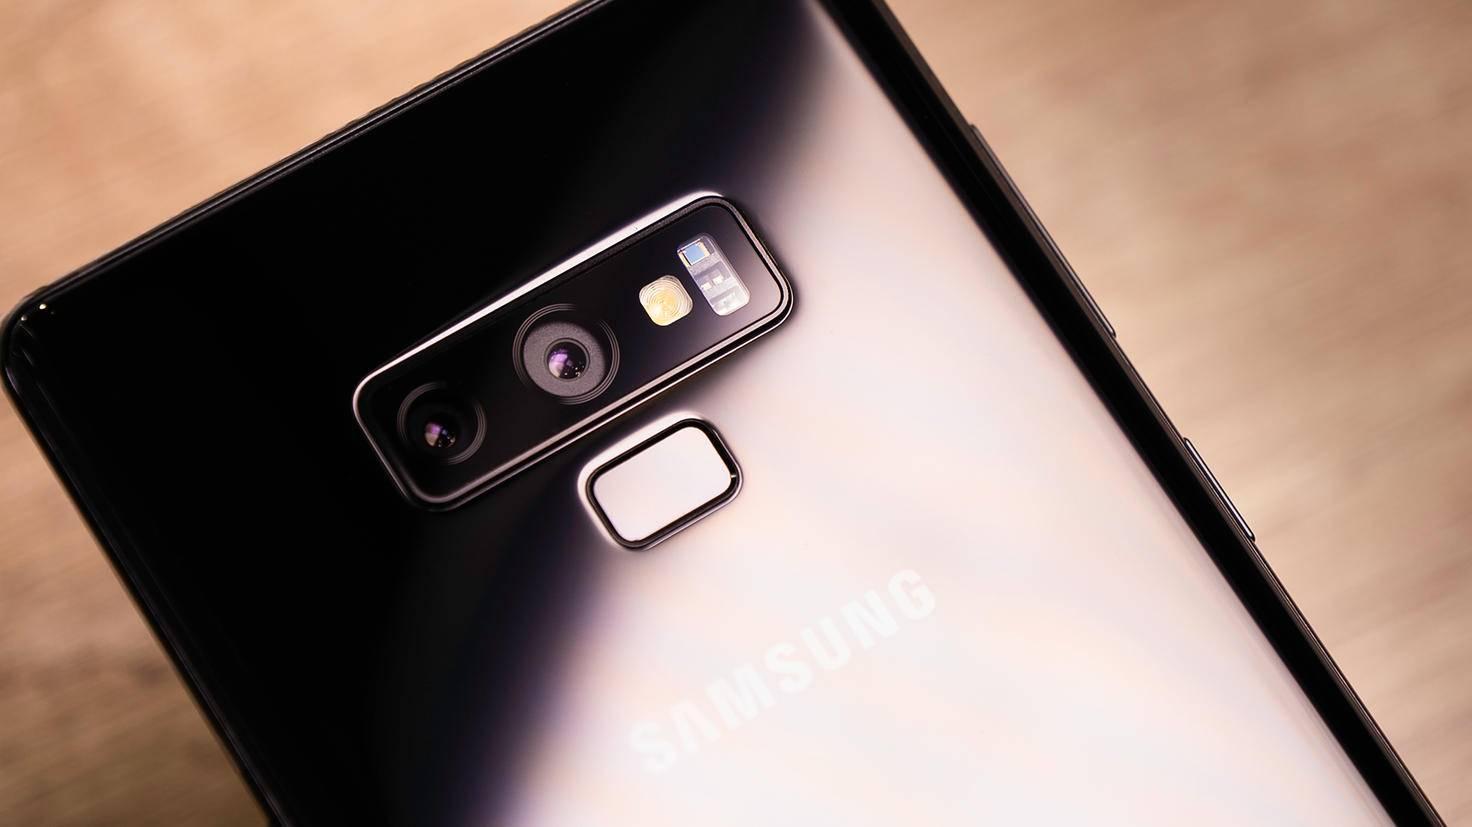 Auf der Rückseite findet sich eine Dual-Kamera, der Fingerabdrucksensor sitzt nun darunter.